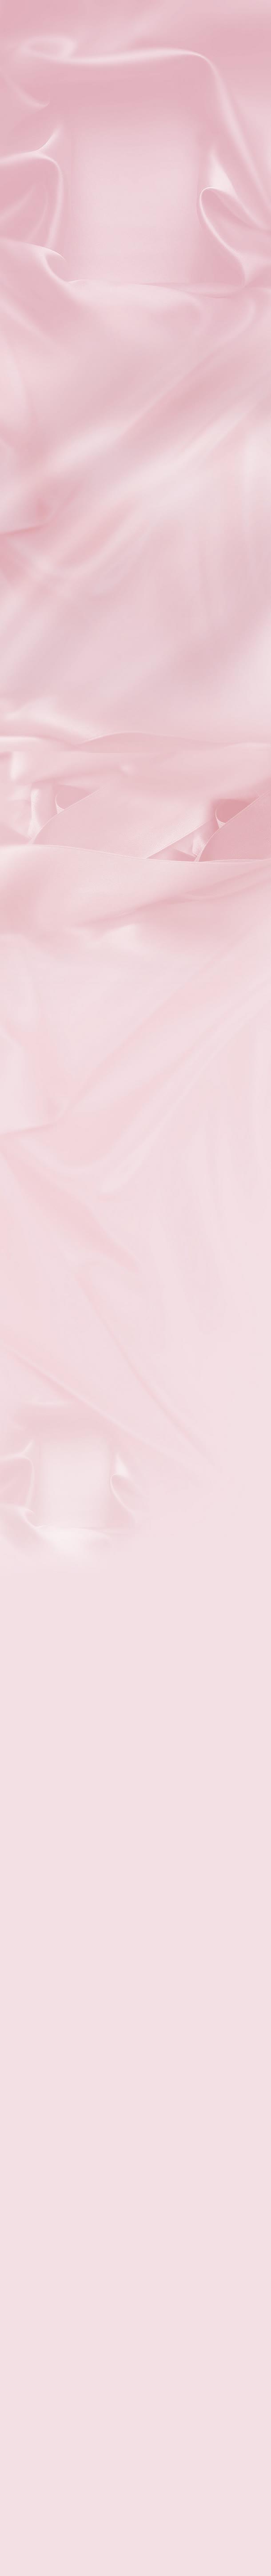 粉色丝绸图片素材免抠素材免费下载_觅元素51yuansu.